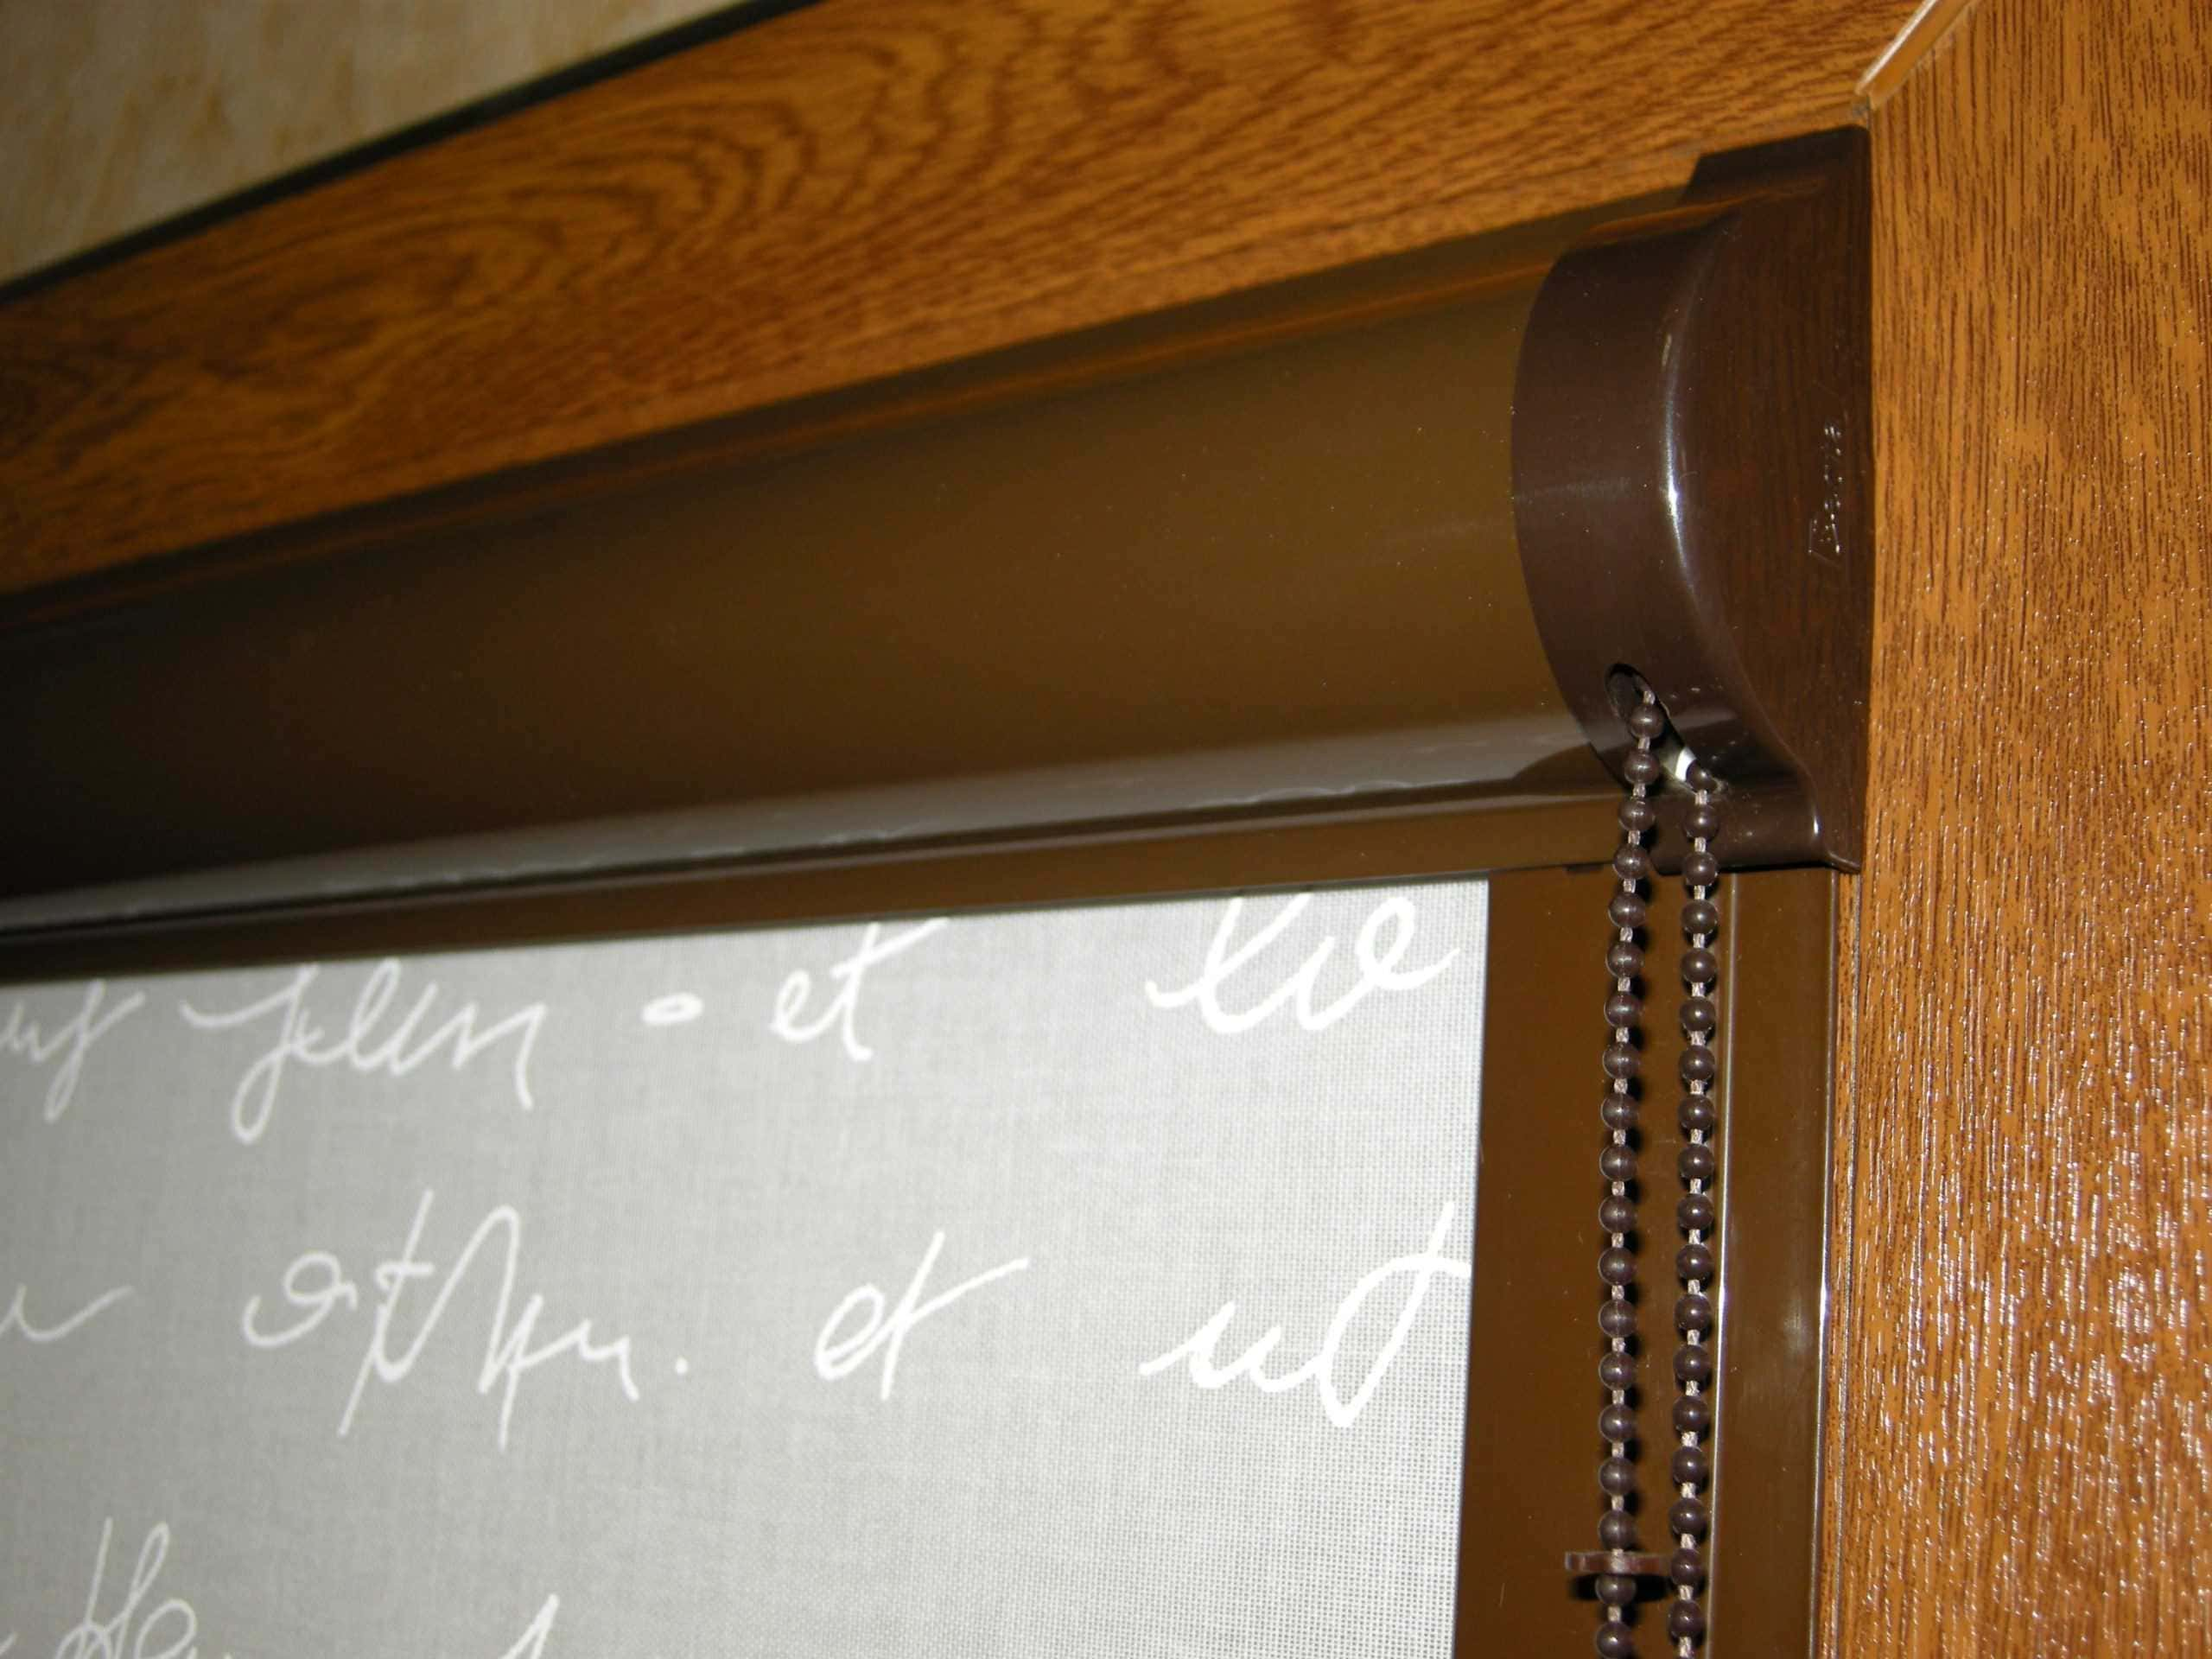 Рулонные шторы - плюсы и минусы установки, выбор материалов 094